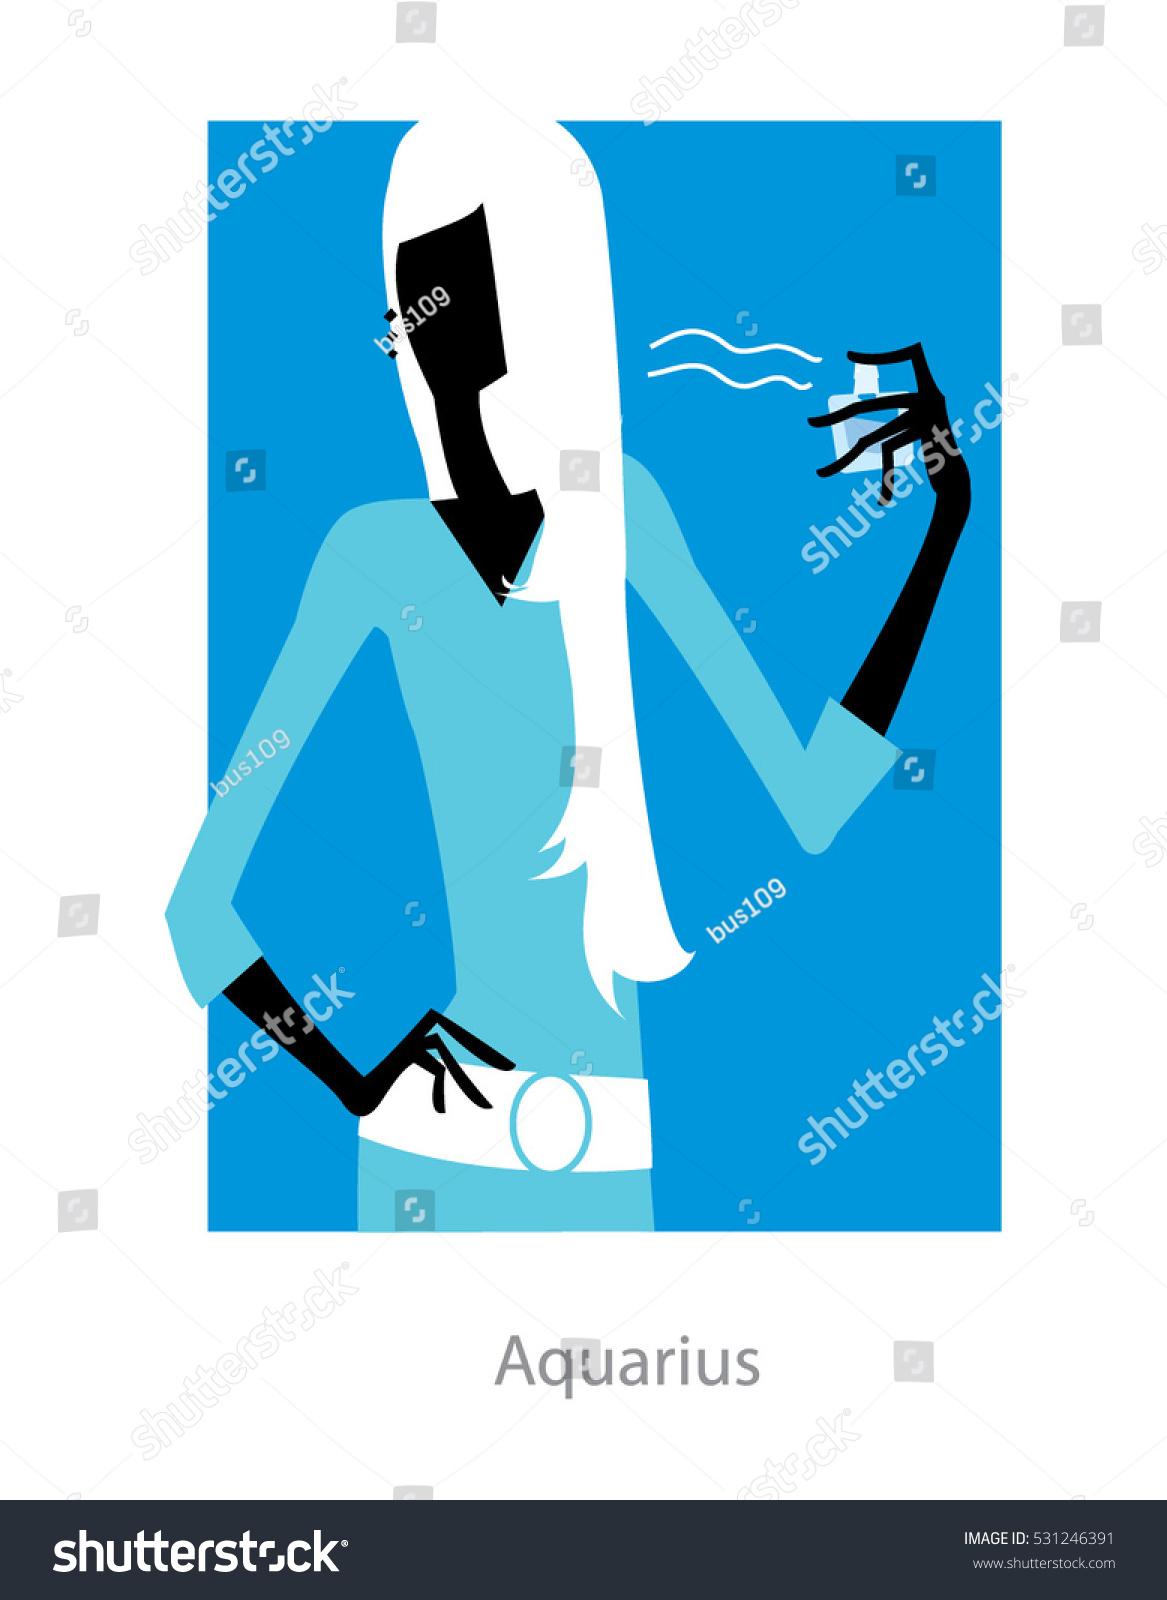 Aquarius horoscope sign female spraying perfume stock vector aquarius horoscope sign female spraying perfume vector illustration buycottarizona